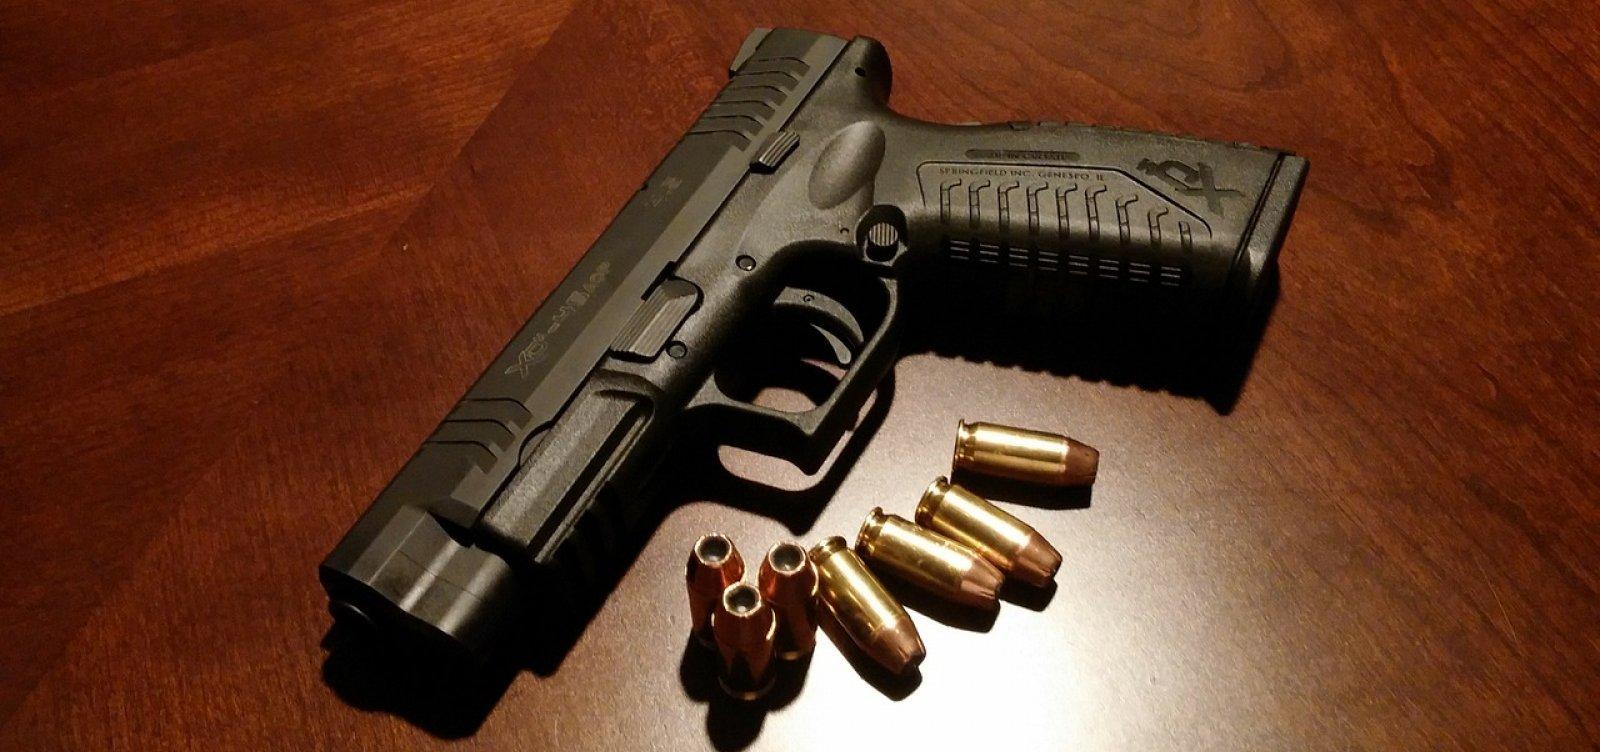 Exército tem 60 dias para definir quais armas podem ser compradas por cidadãos comuns